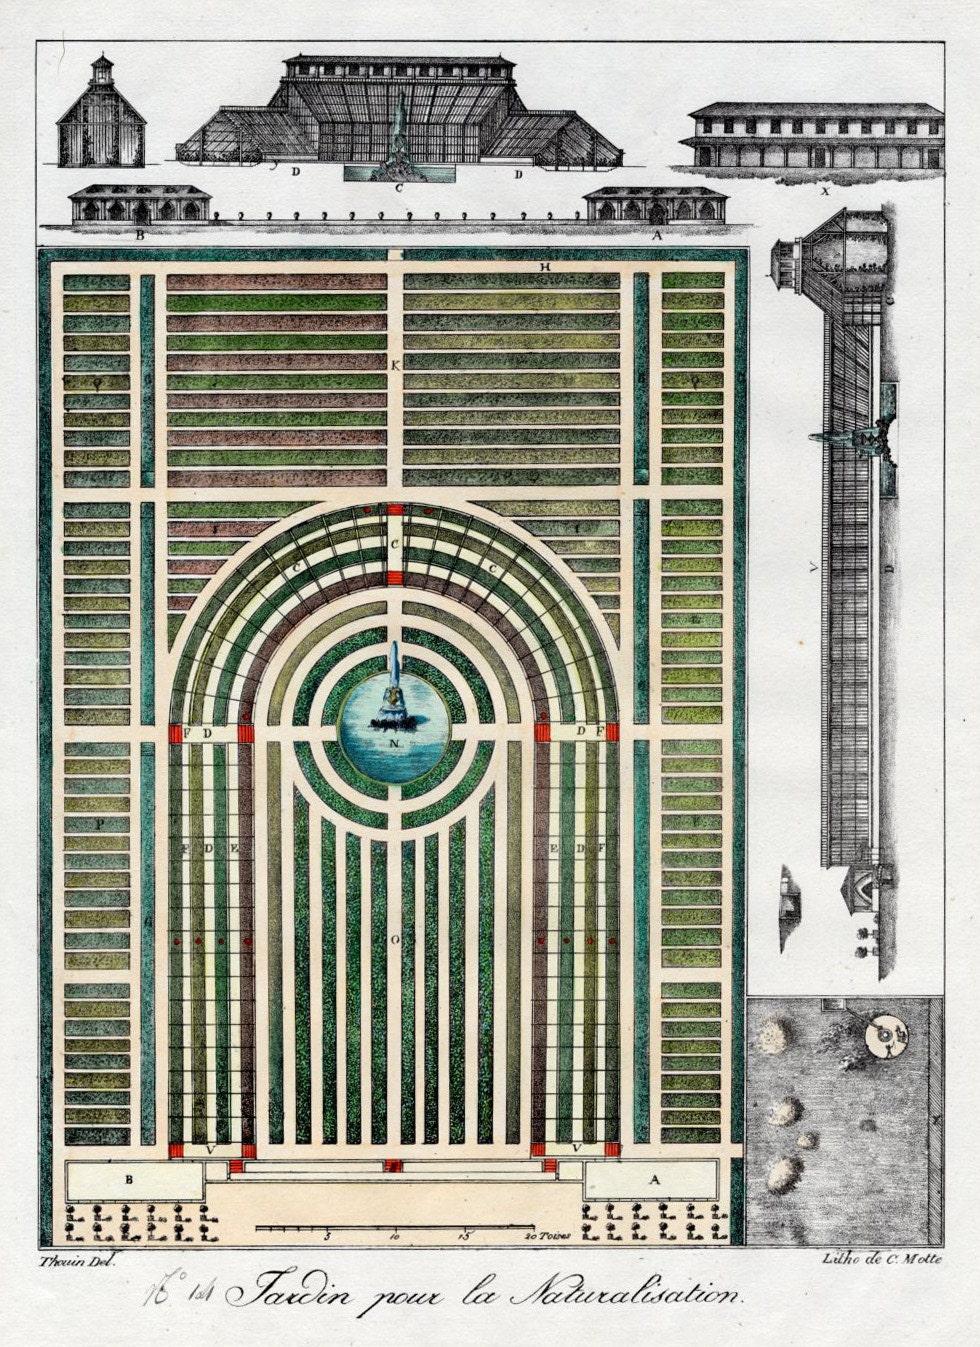 Garden Plan 1828 French Garden Design by Gabriel Thouin